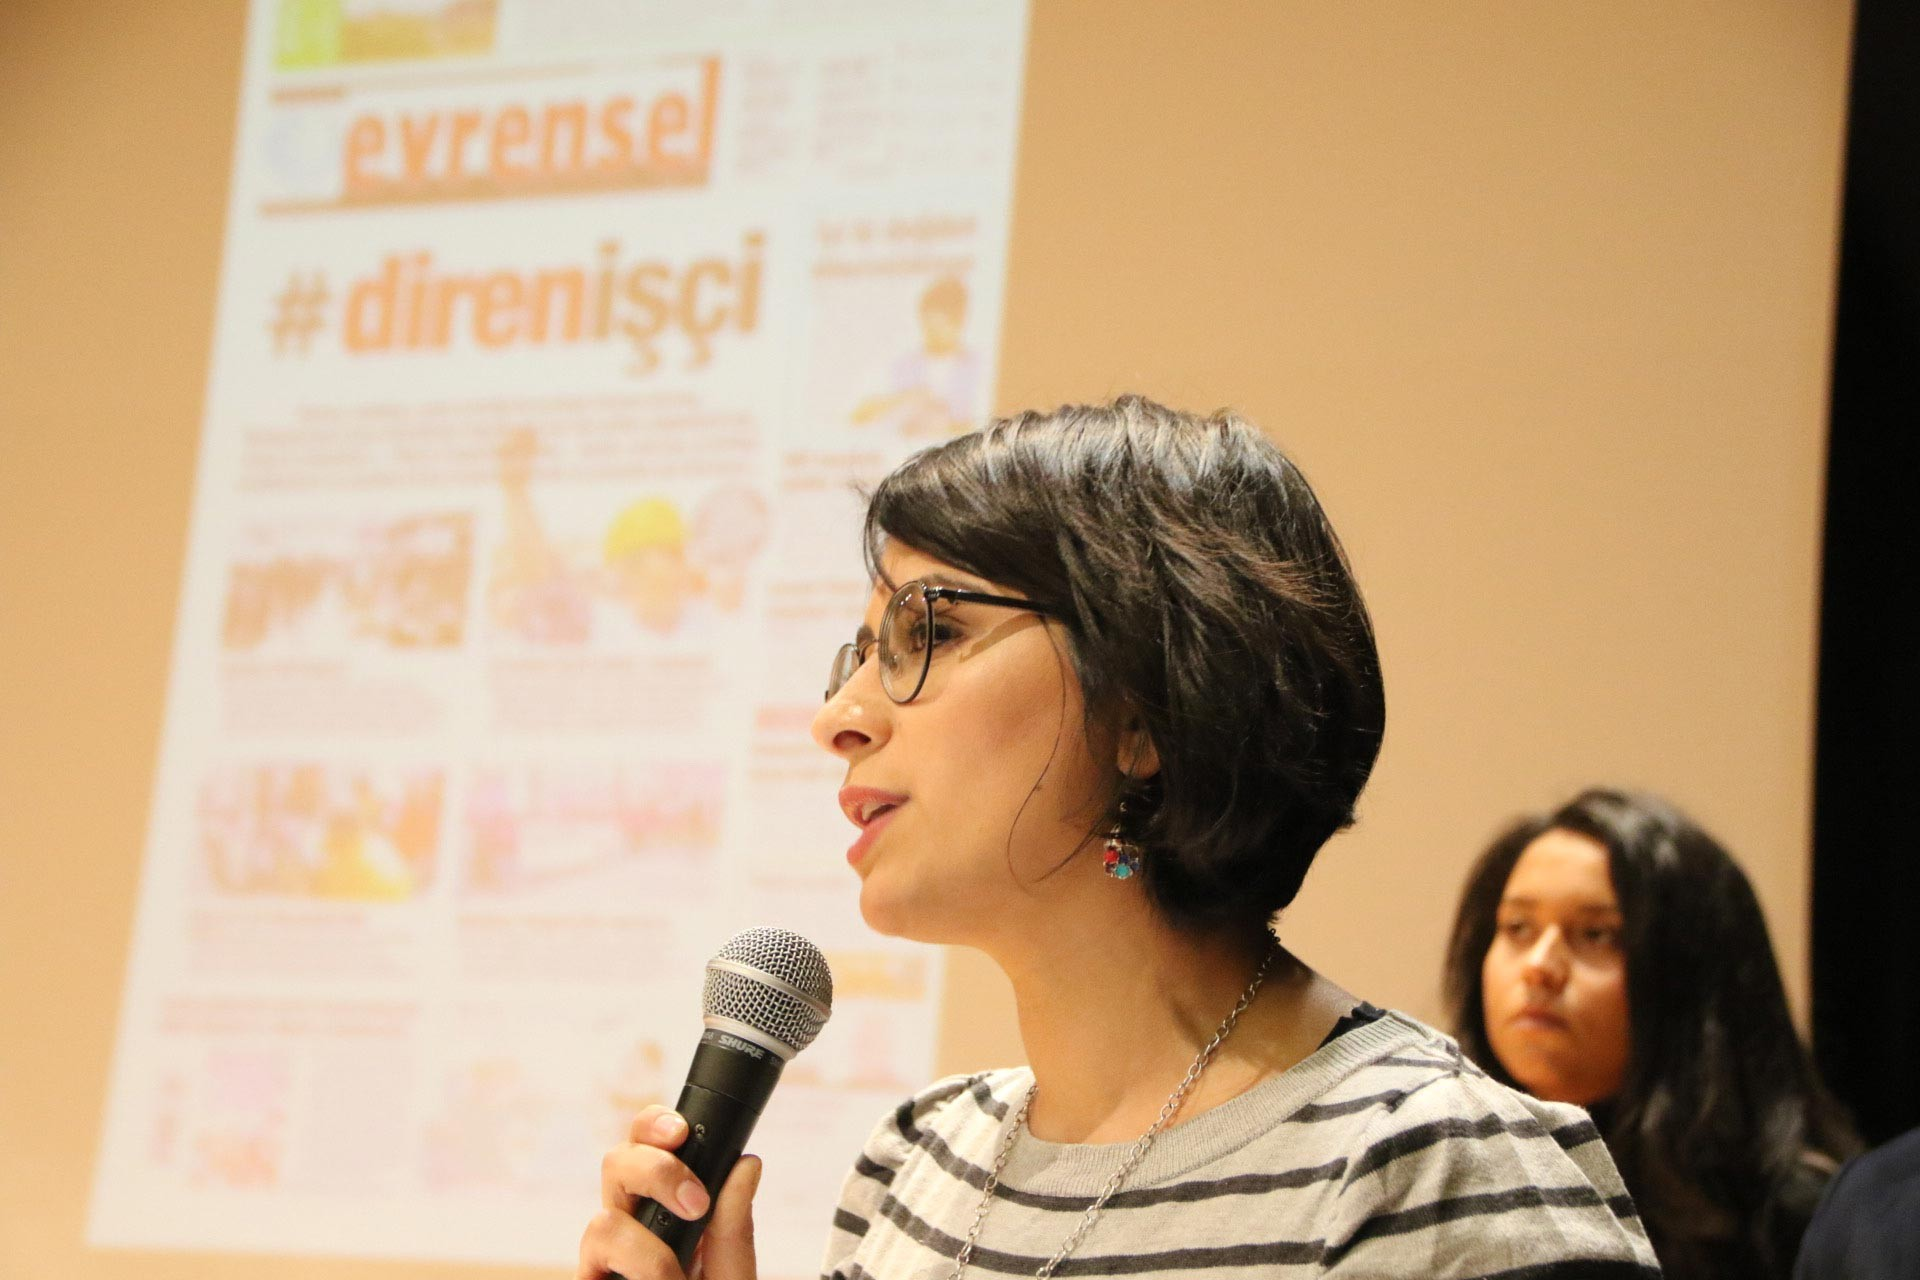 TGS Ankara Şube Başkanı Esra Koçak Mayda, Ankara'da düzenlenen Evrensel ile dayanışma etkinliğinde konuşmasını yaparken